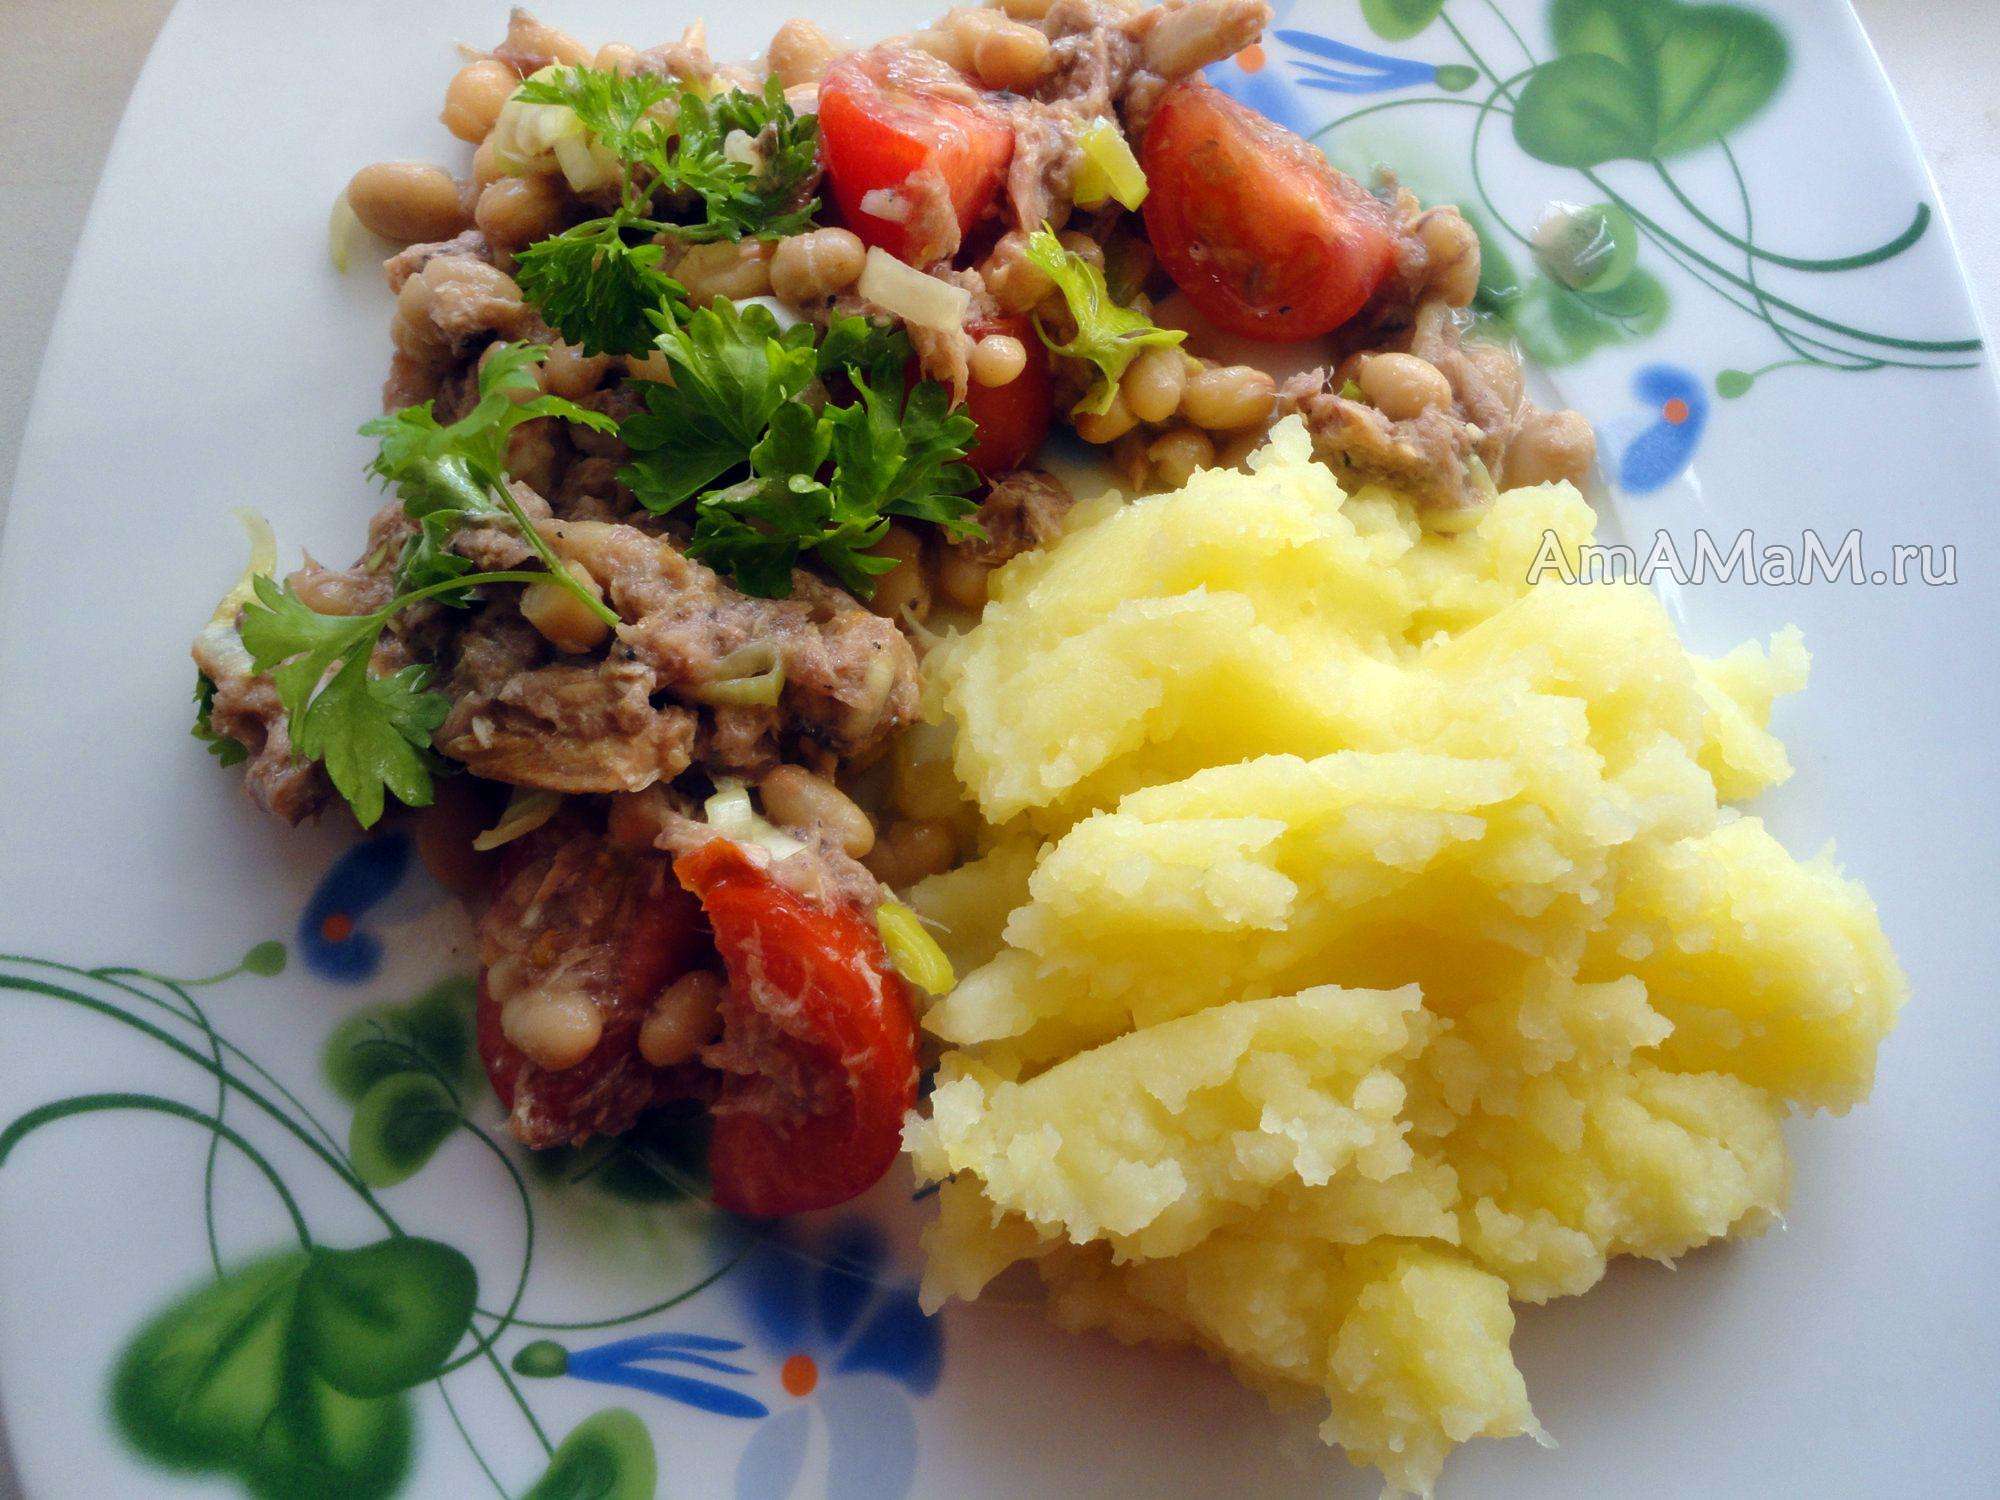 как приготовить салат с тунцом из консервы